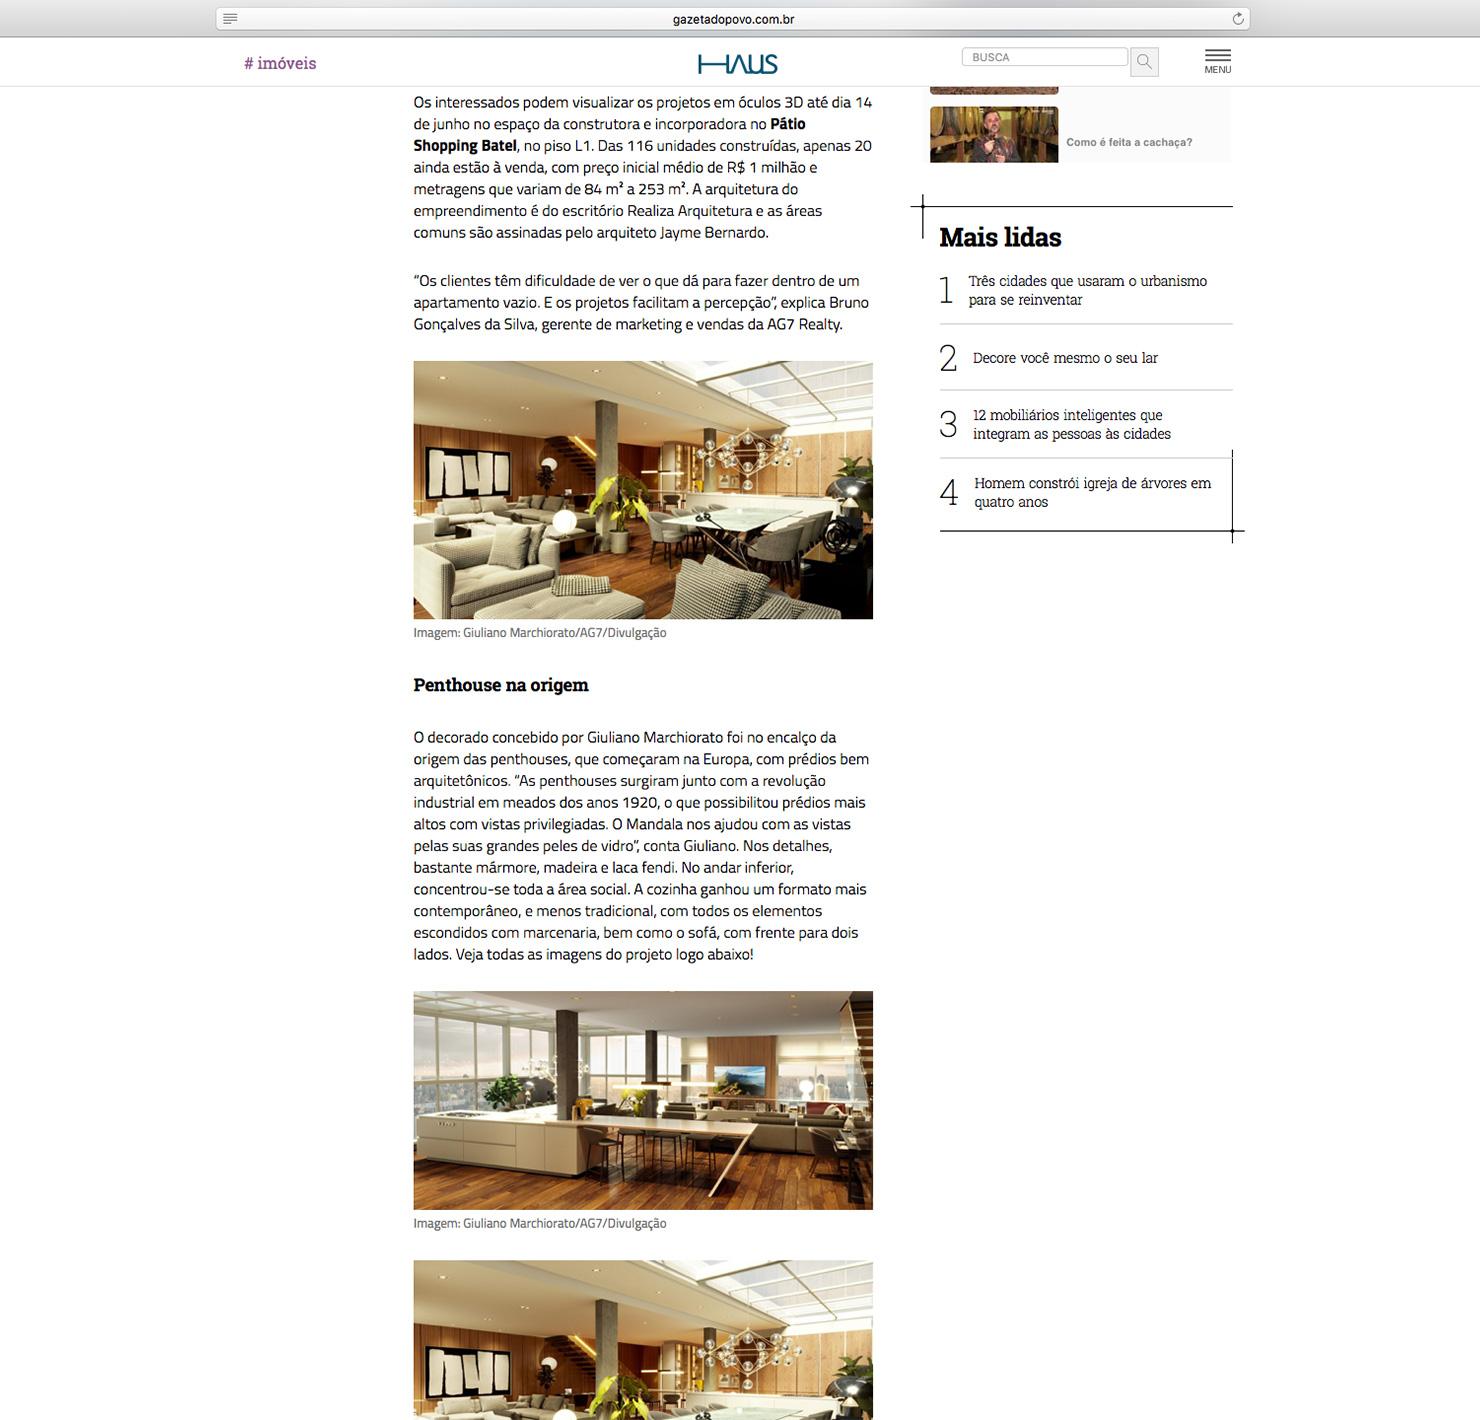 Apartamento Mandala  HAUS Gazeta do Povo |  Link